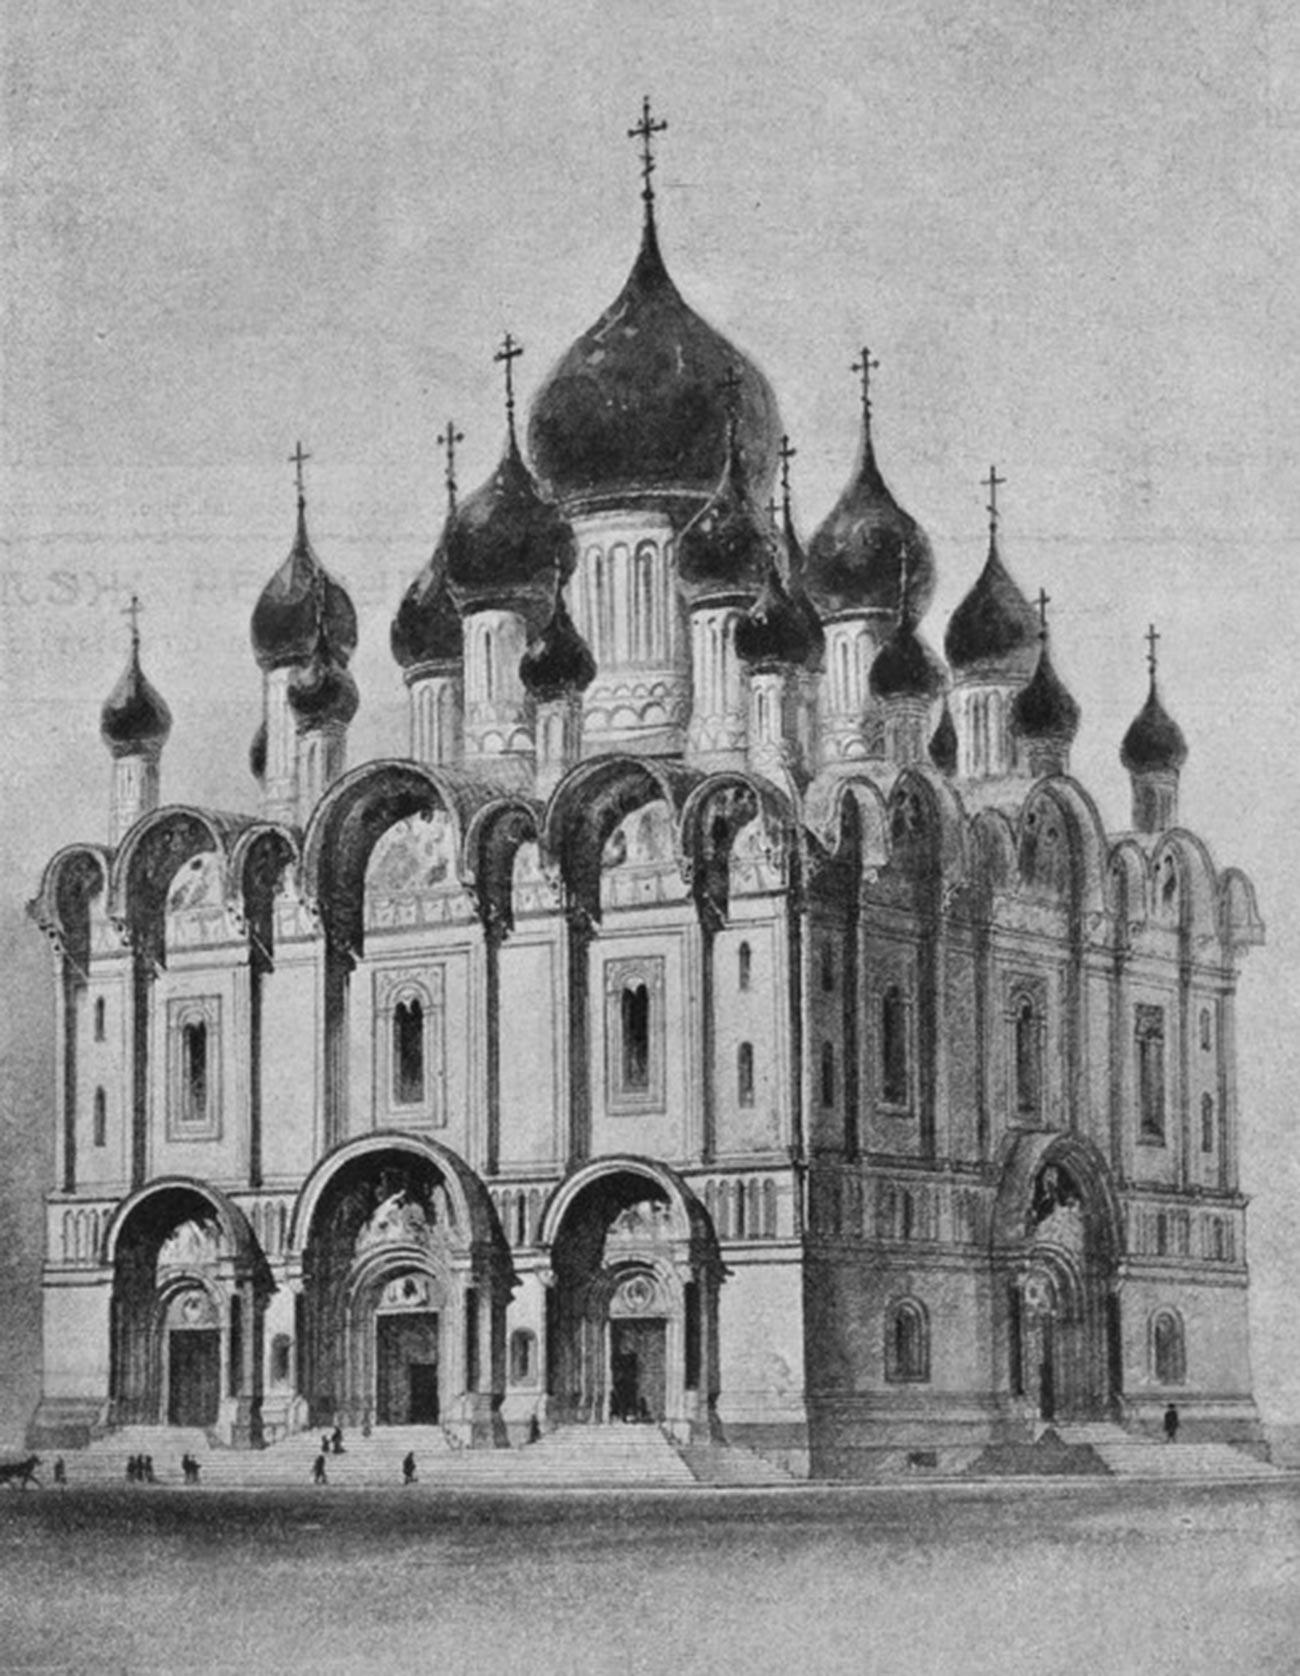 Catedral Aleksandr Nevsky retratada em 1904 no projeto do arquiteto A. Pomerantsev